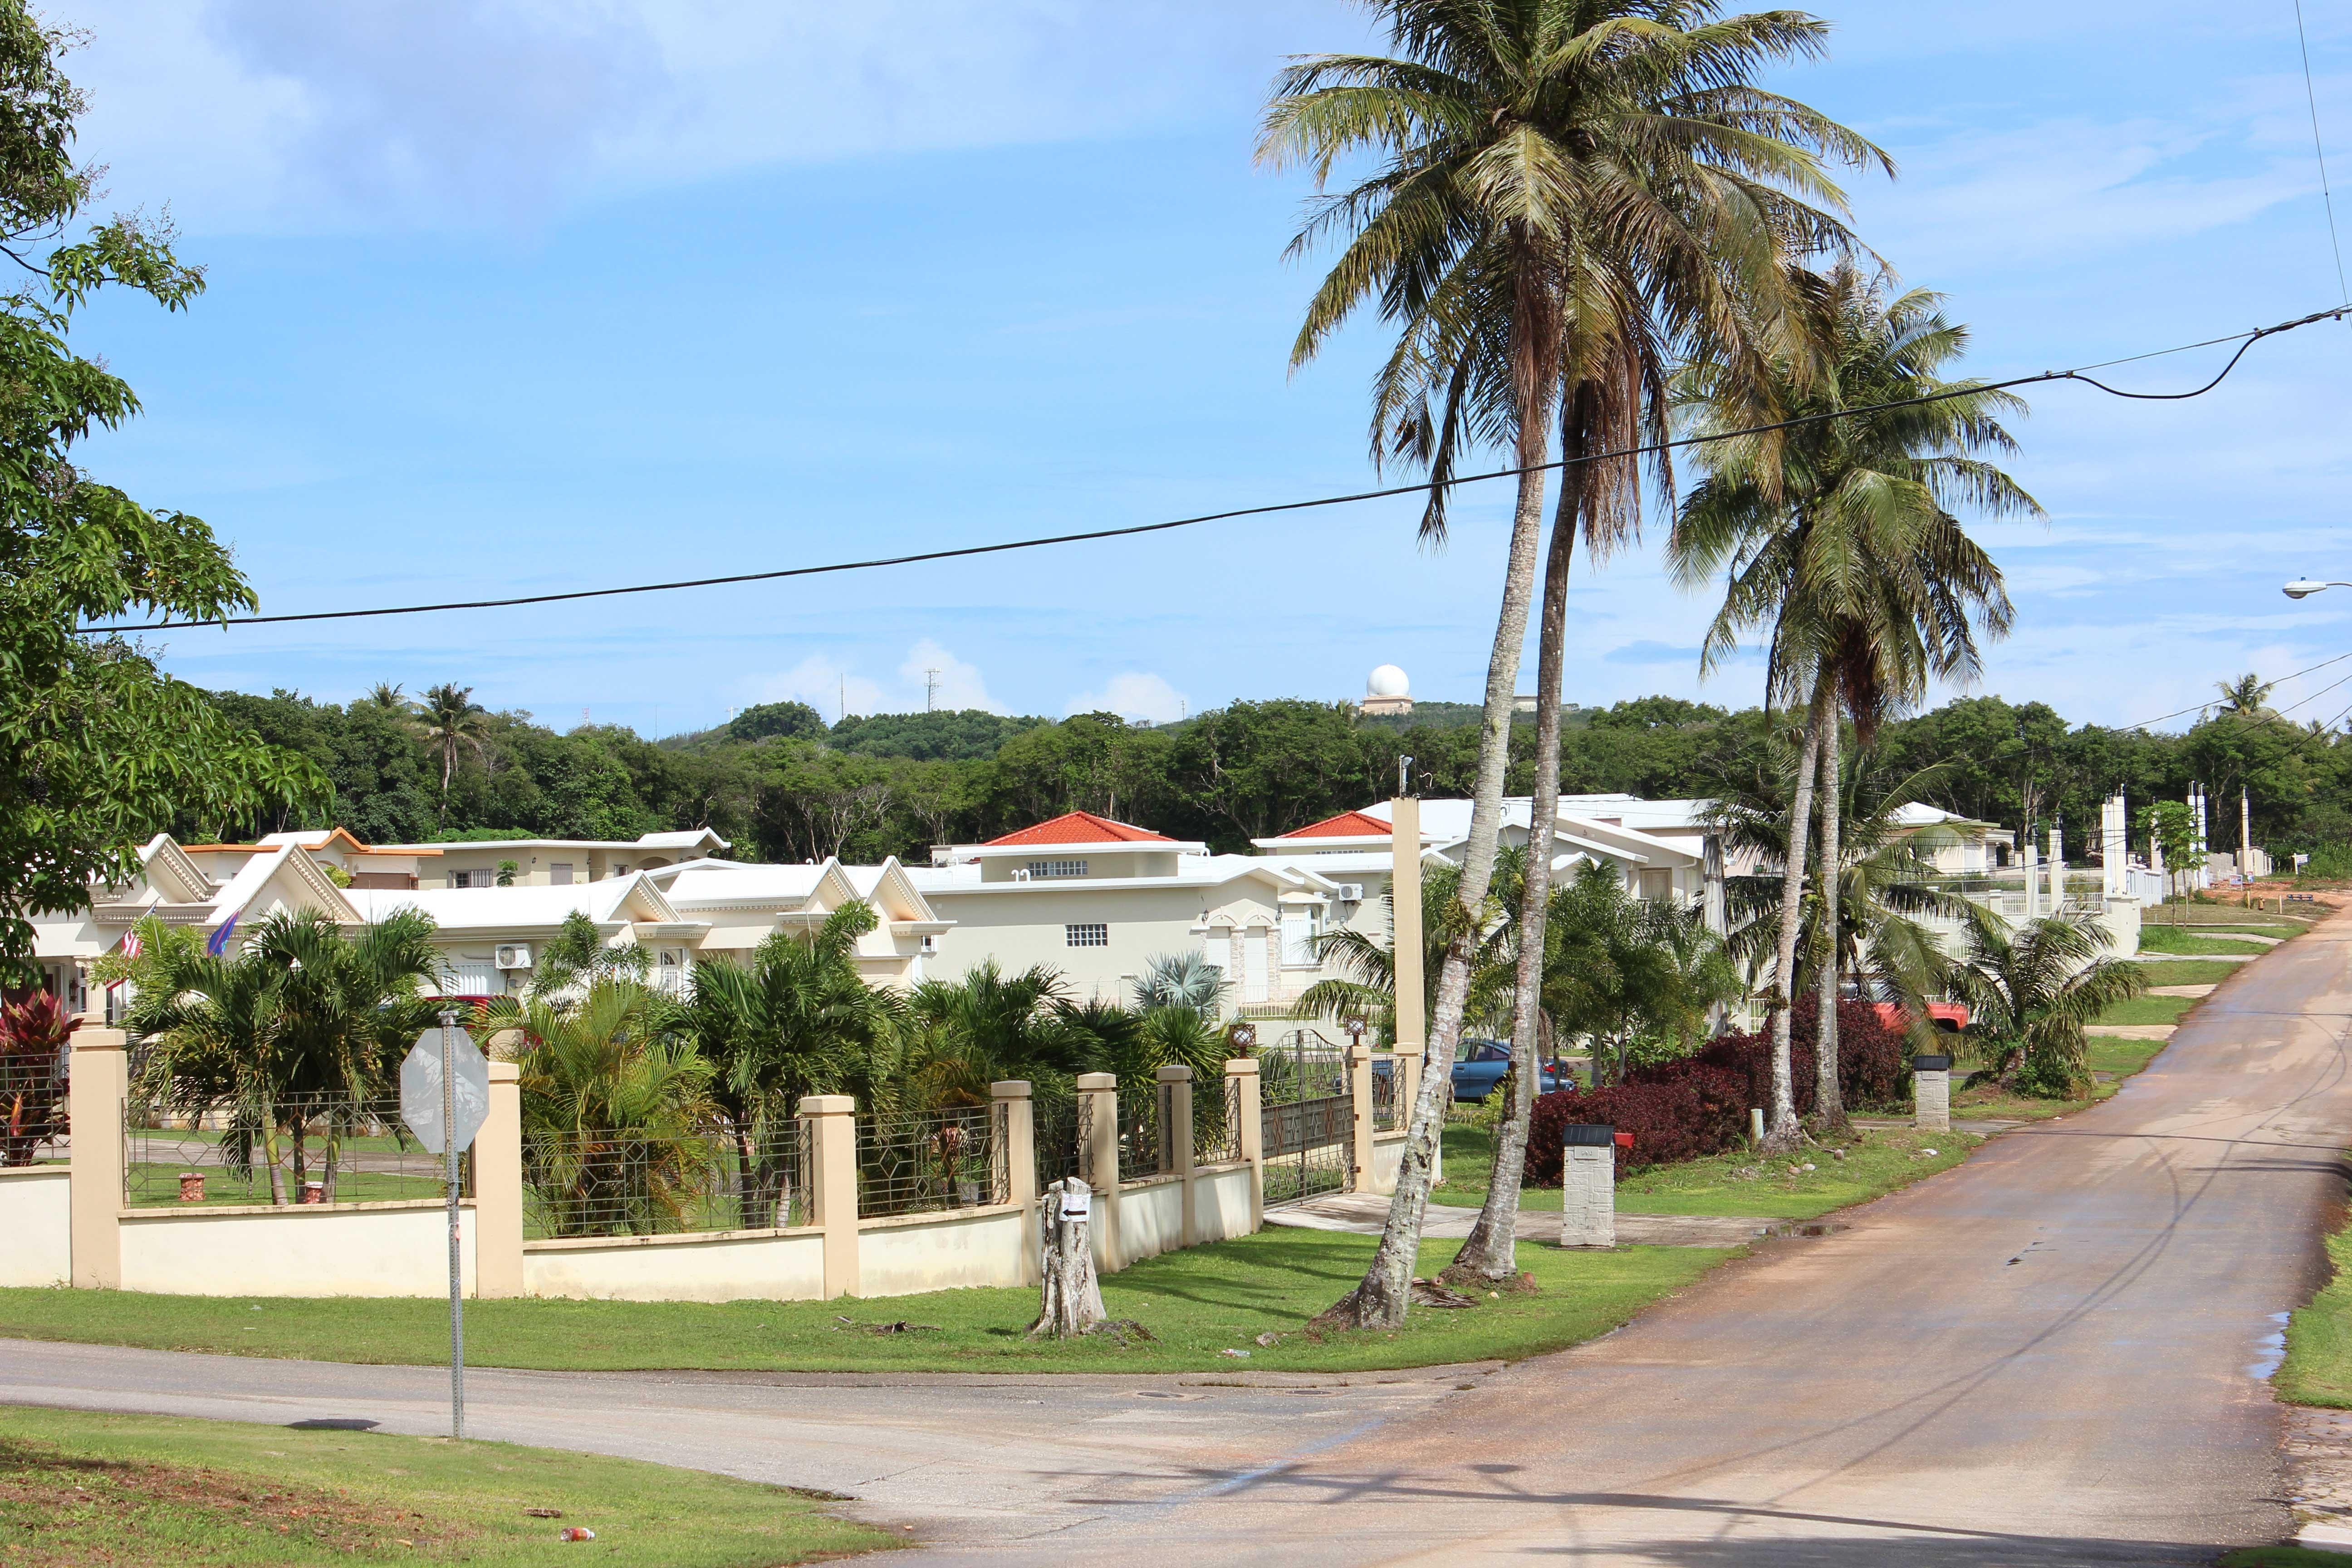 Chalan-La-Chanch-Yigo-Street